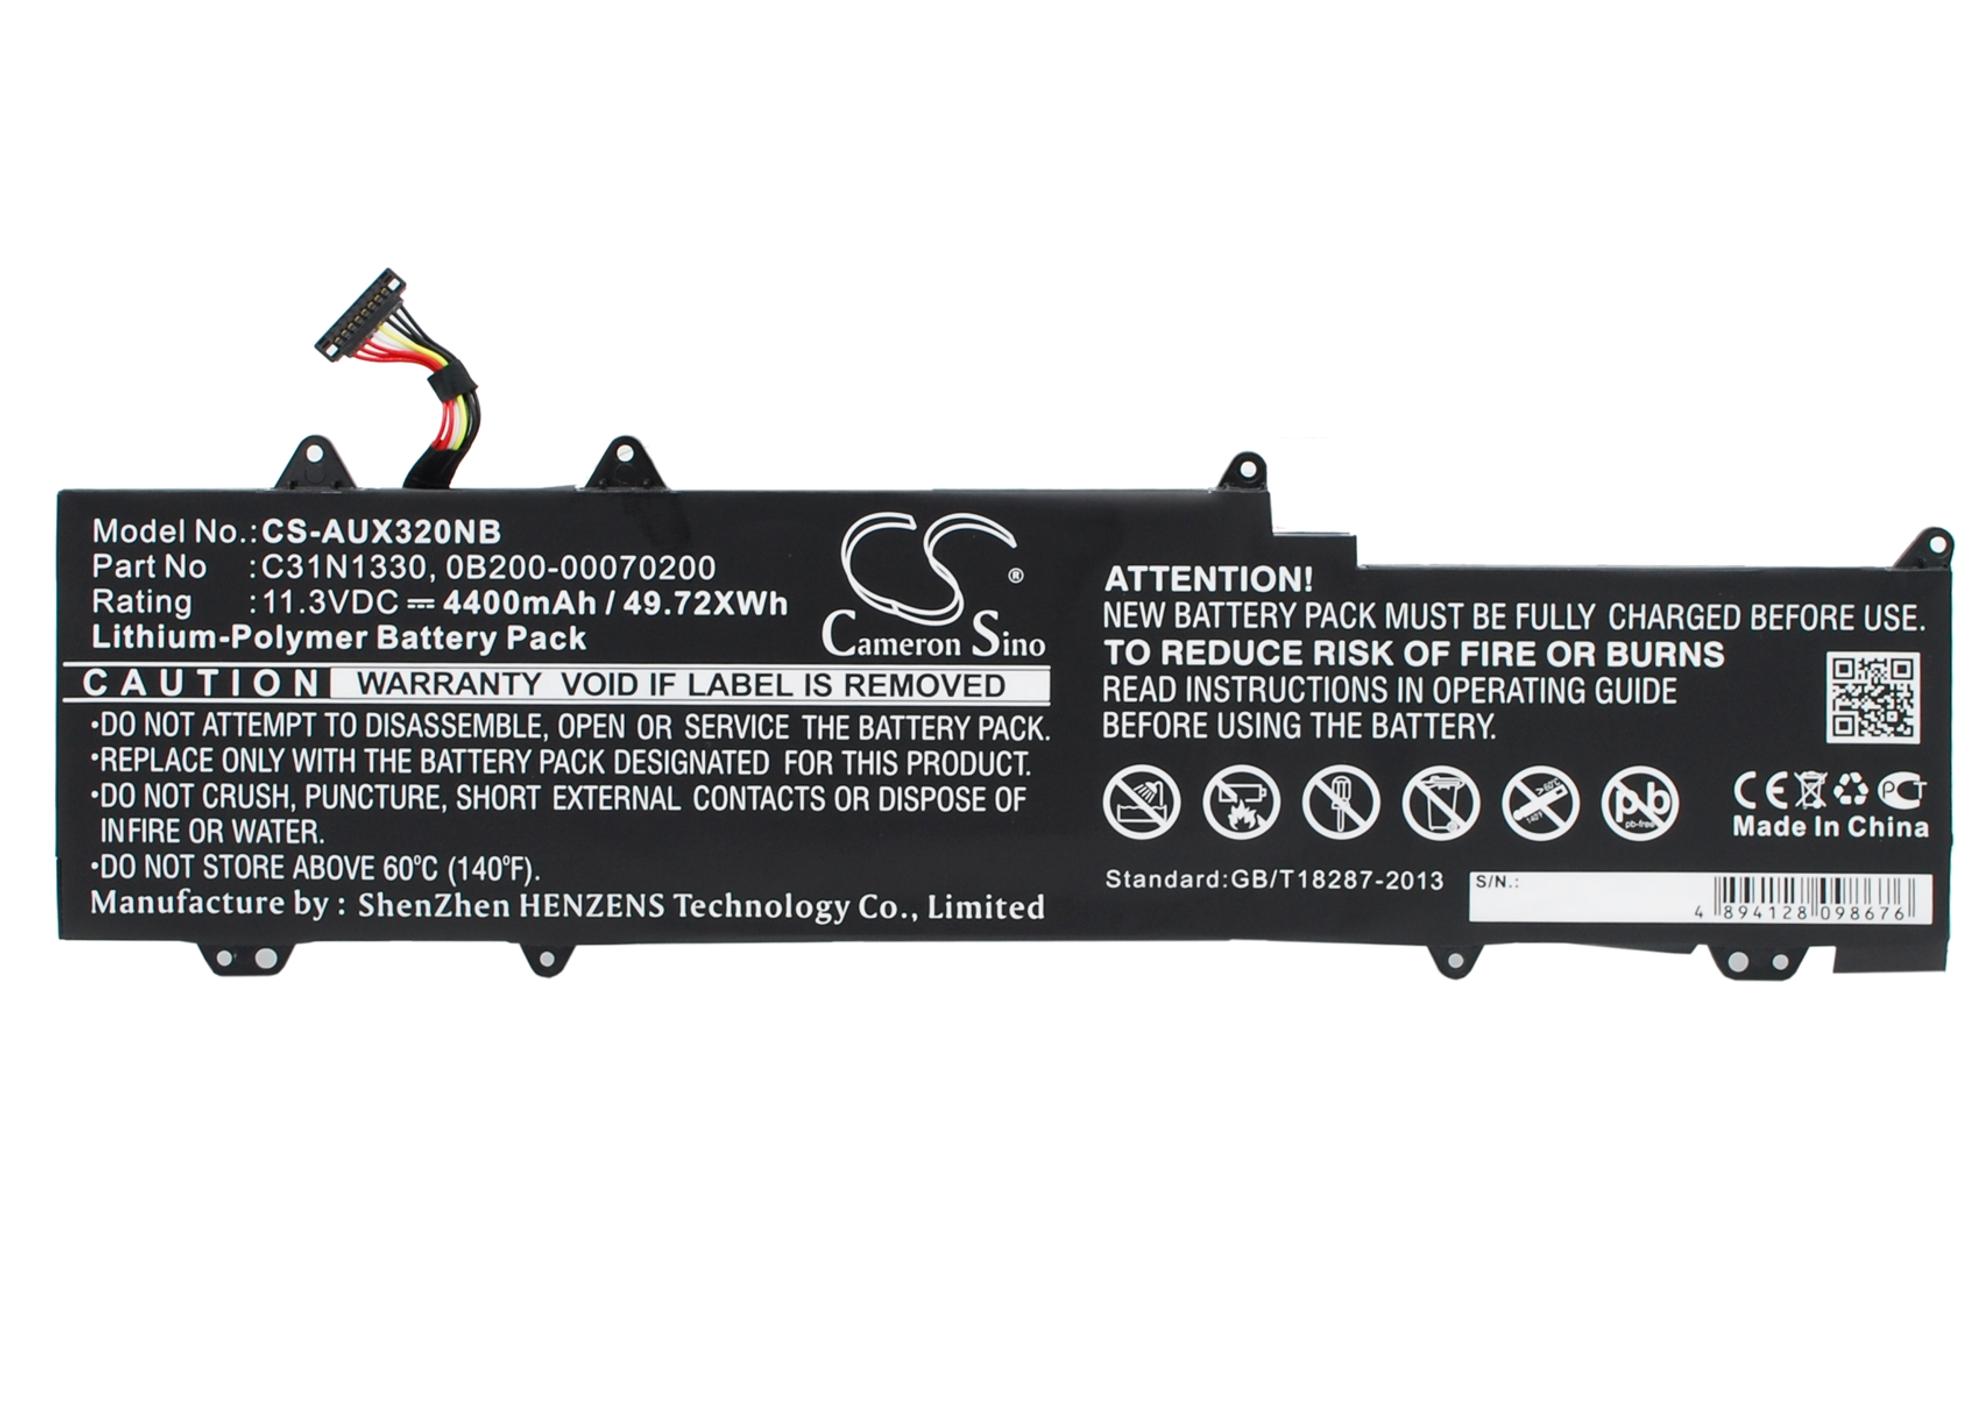 Cameron Sino baterie do notebooků pro ASUS Zenbook UX32LA-R3043H 11.3V Li-Polymer 4400mAh černá - neoriginální